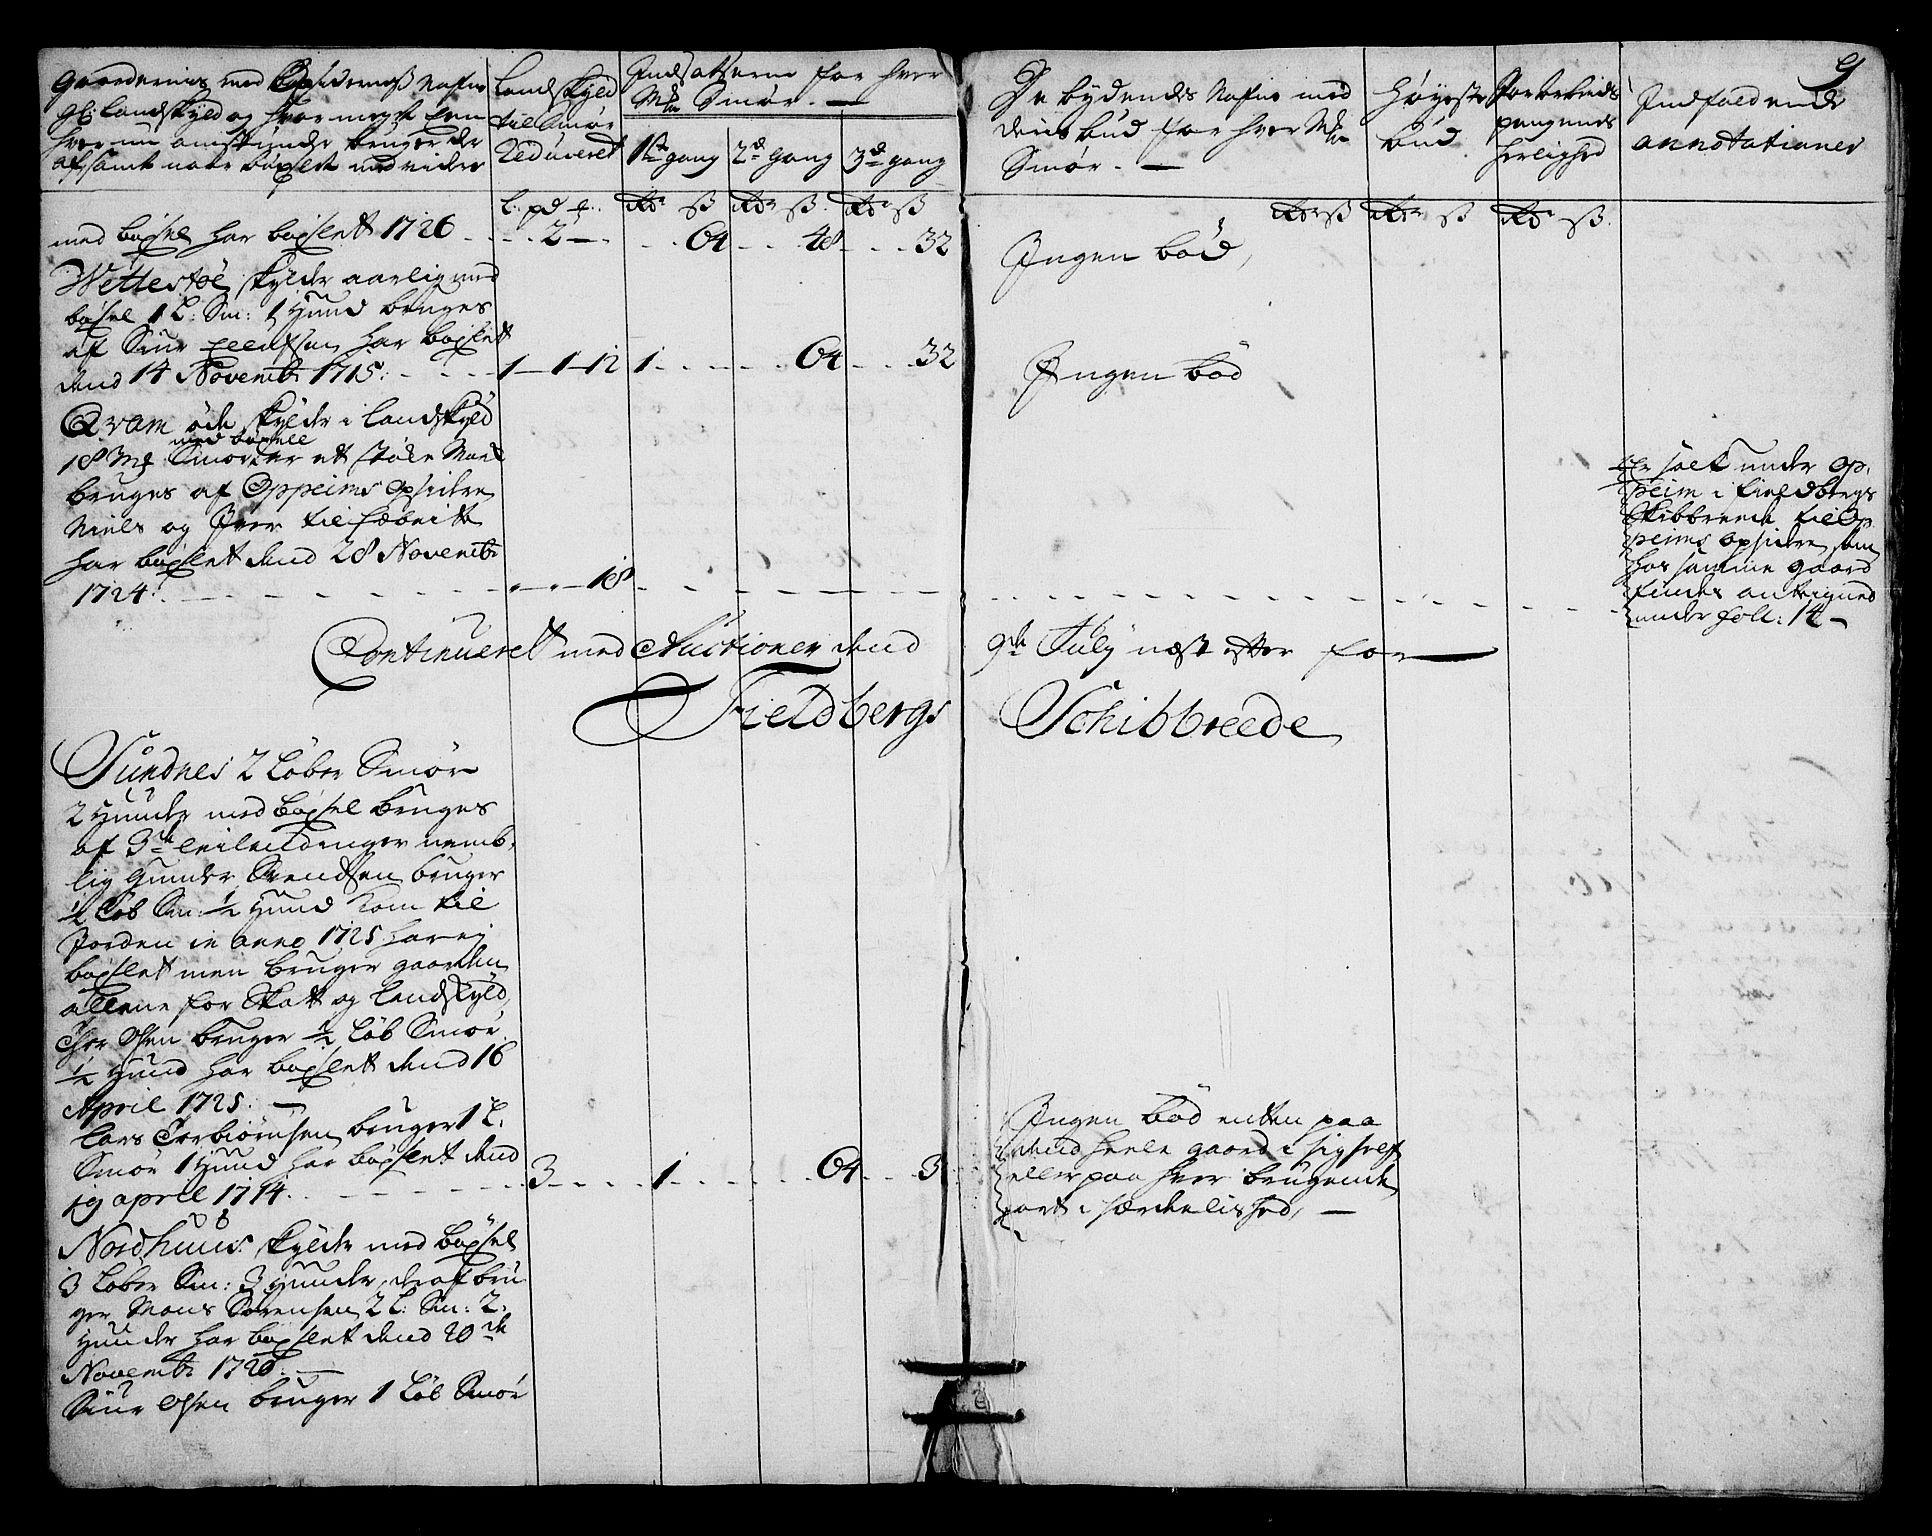 RA, Rentekammeret inntil 1814, Realistisk ordnet avdeling, On/L0003: [Jj 4]: Kommisjonsforretning over Vilhelm Hanssøns forpaktning av Halsnøy klosters gods, 1721-1729, s. 336